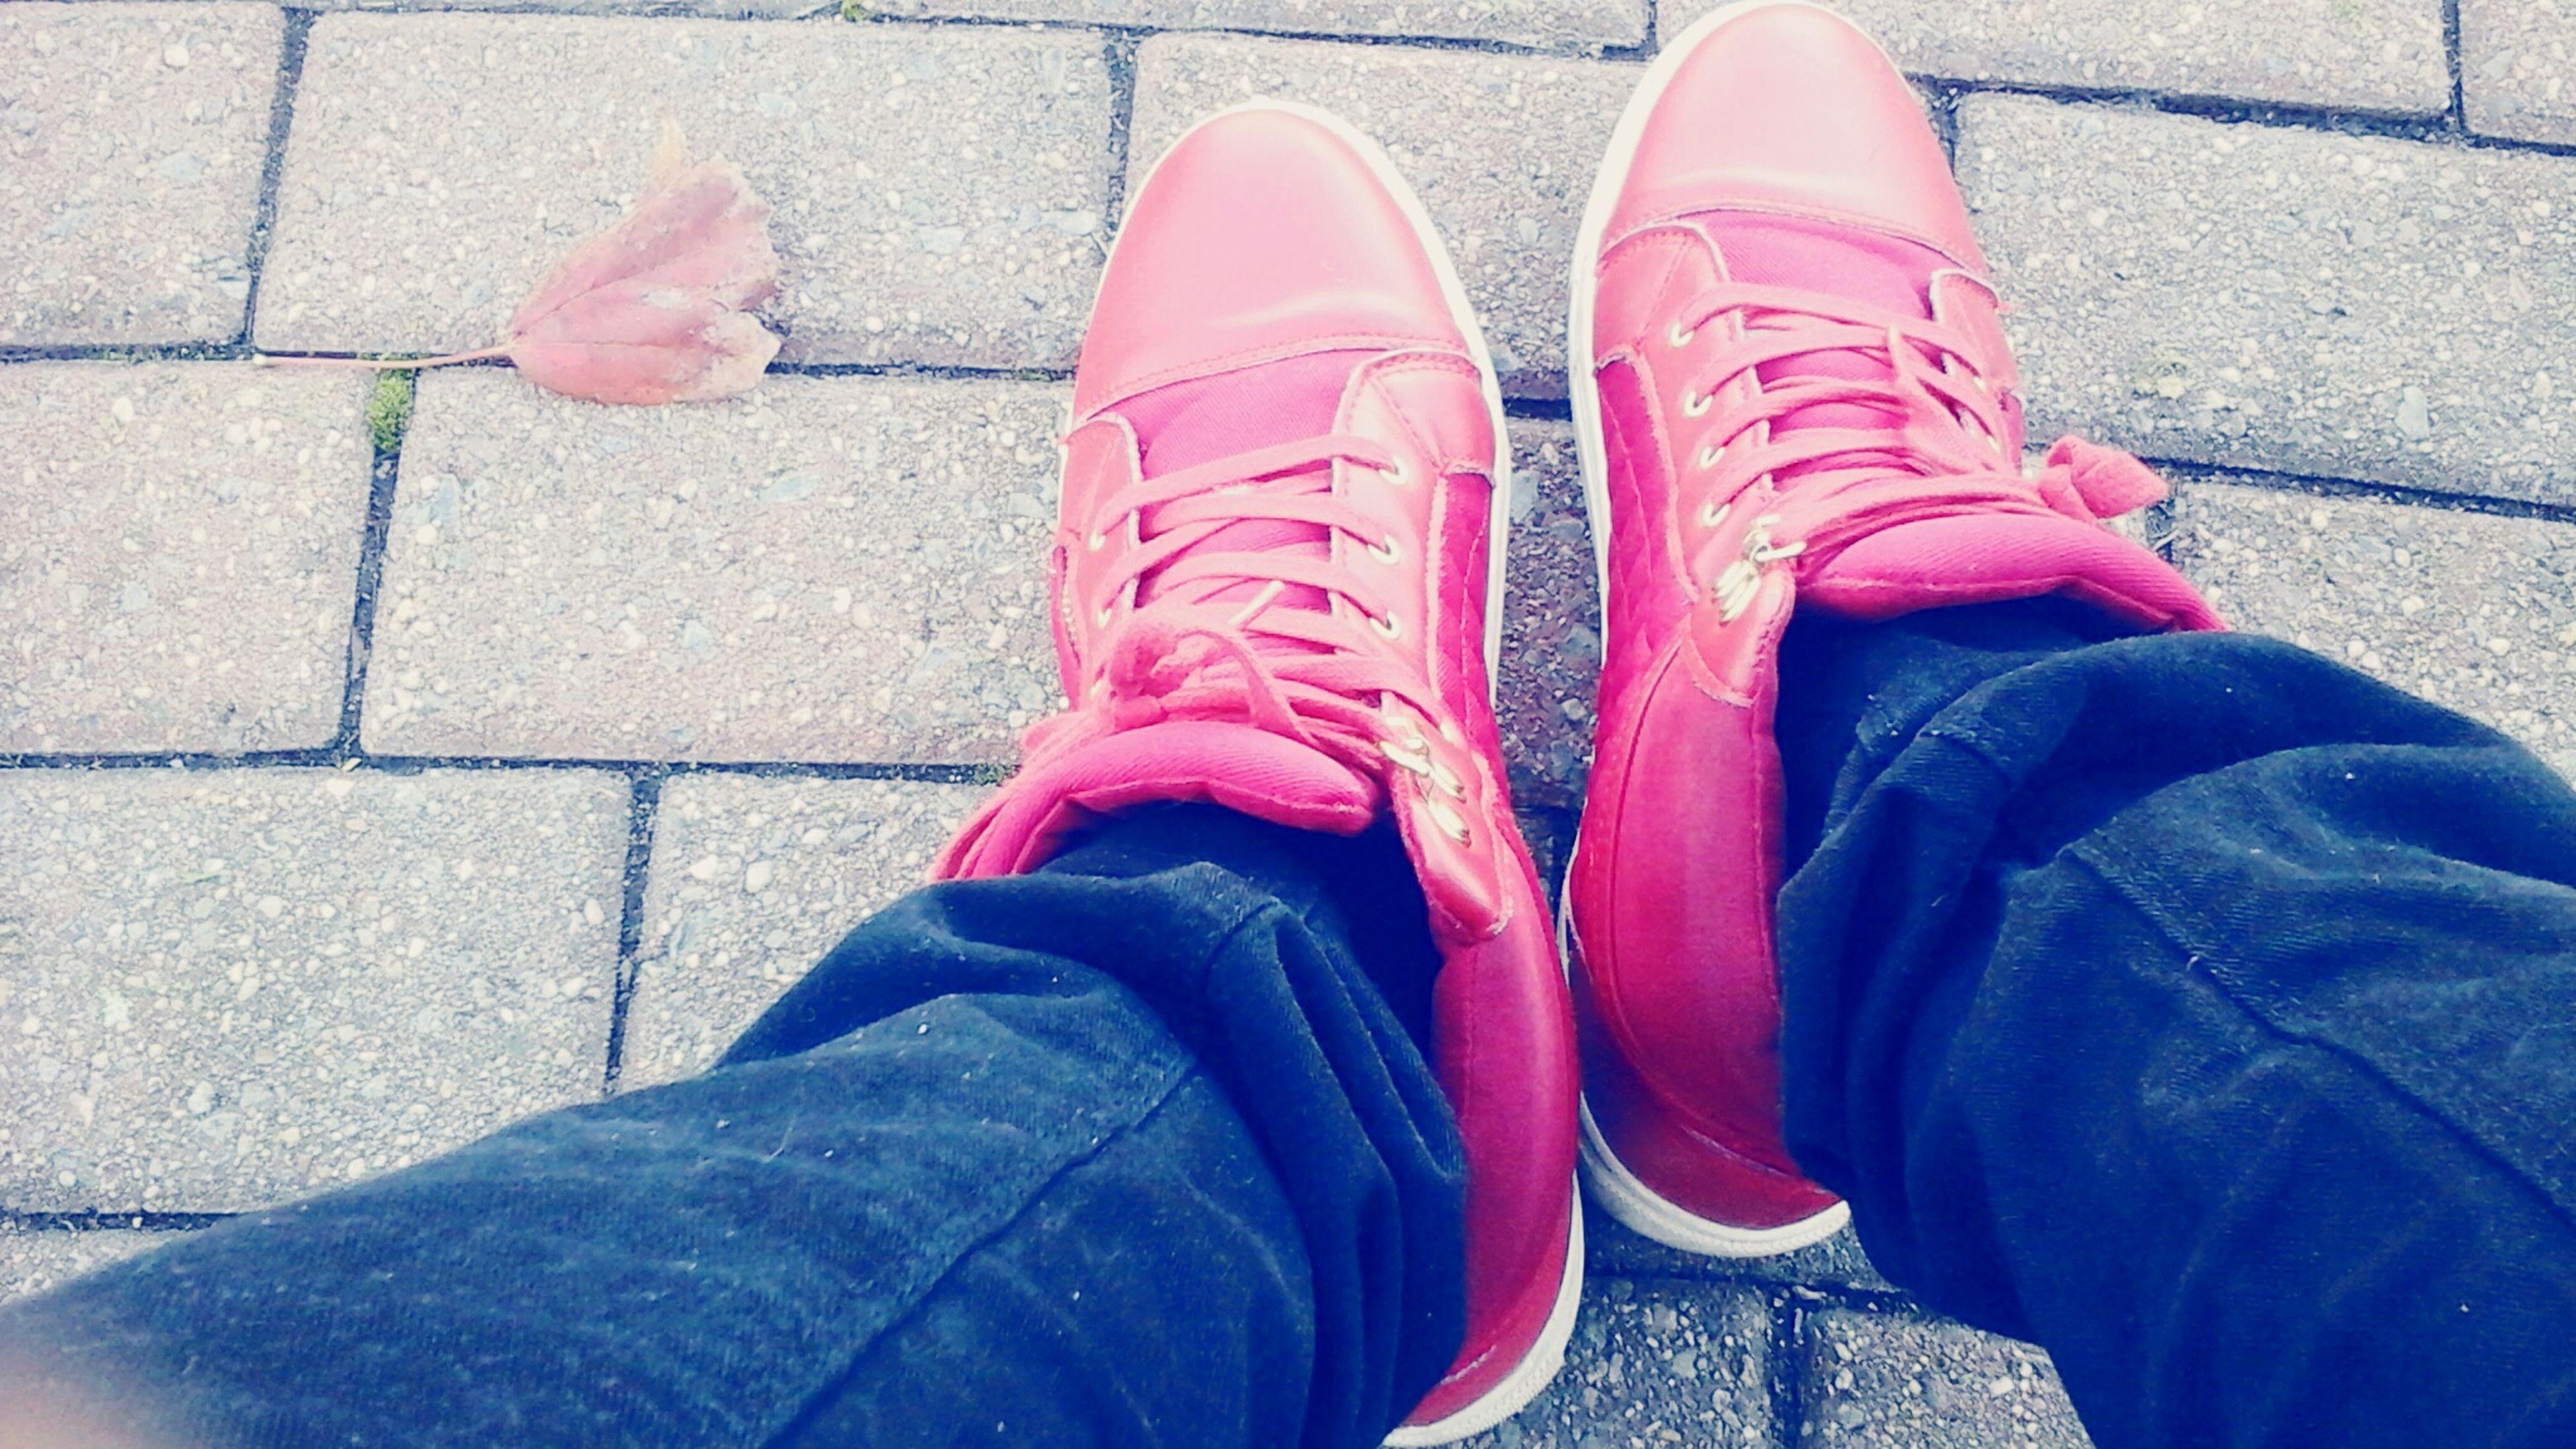 because sneakers are life Fortheloveofsneakers Sneakerlove Sneakerfreak